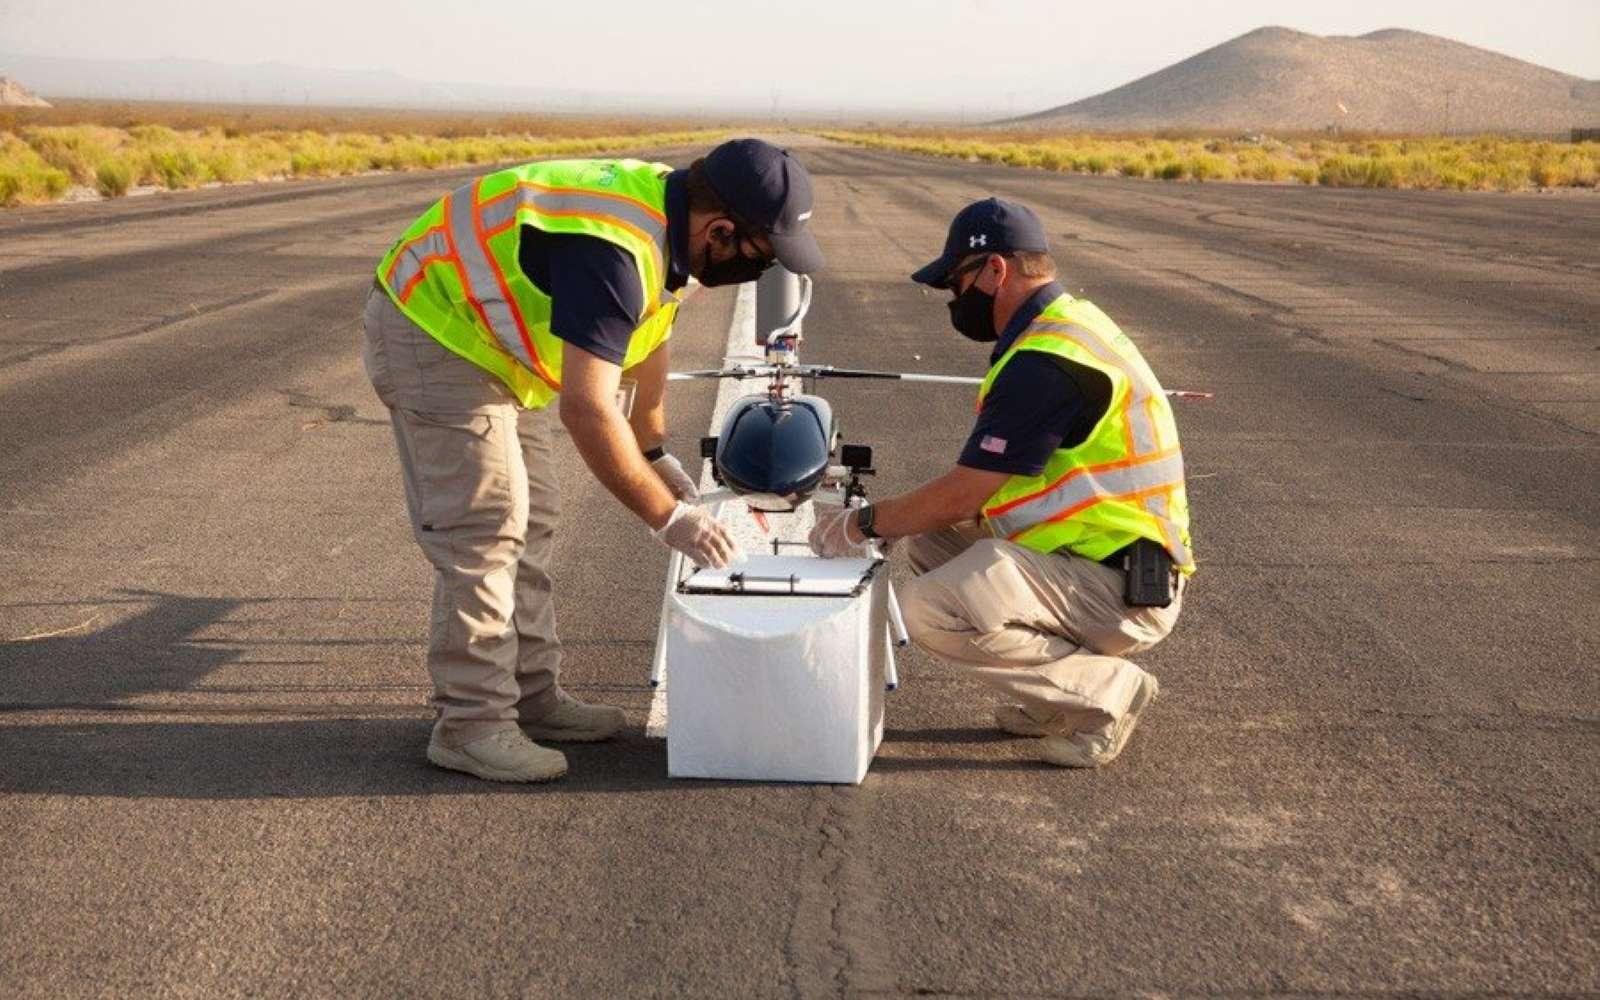 Le drone de livraison de MissionGO en préparation pour le vol d'essai. © MissionGO